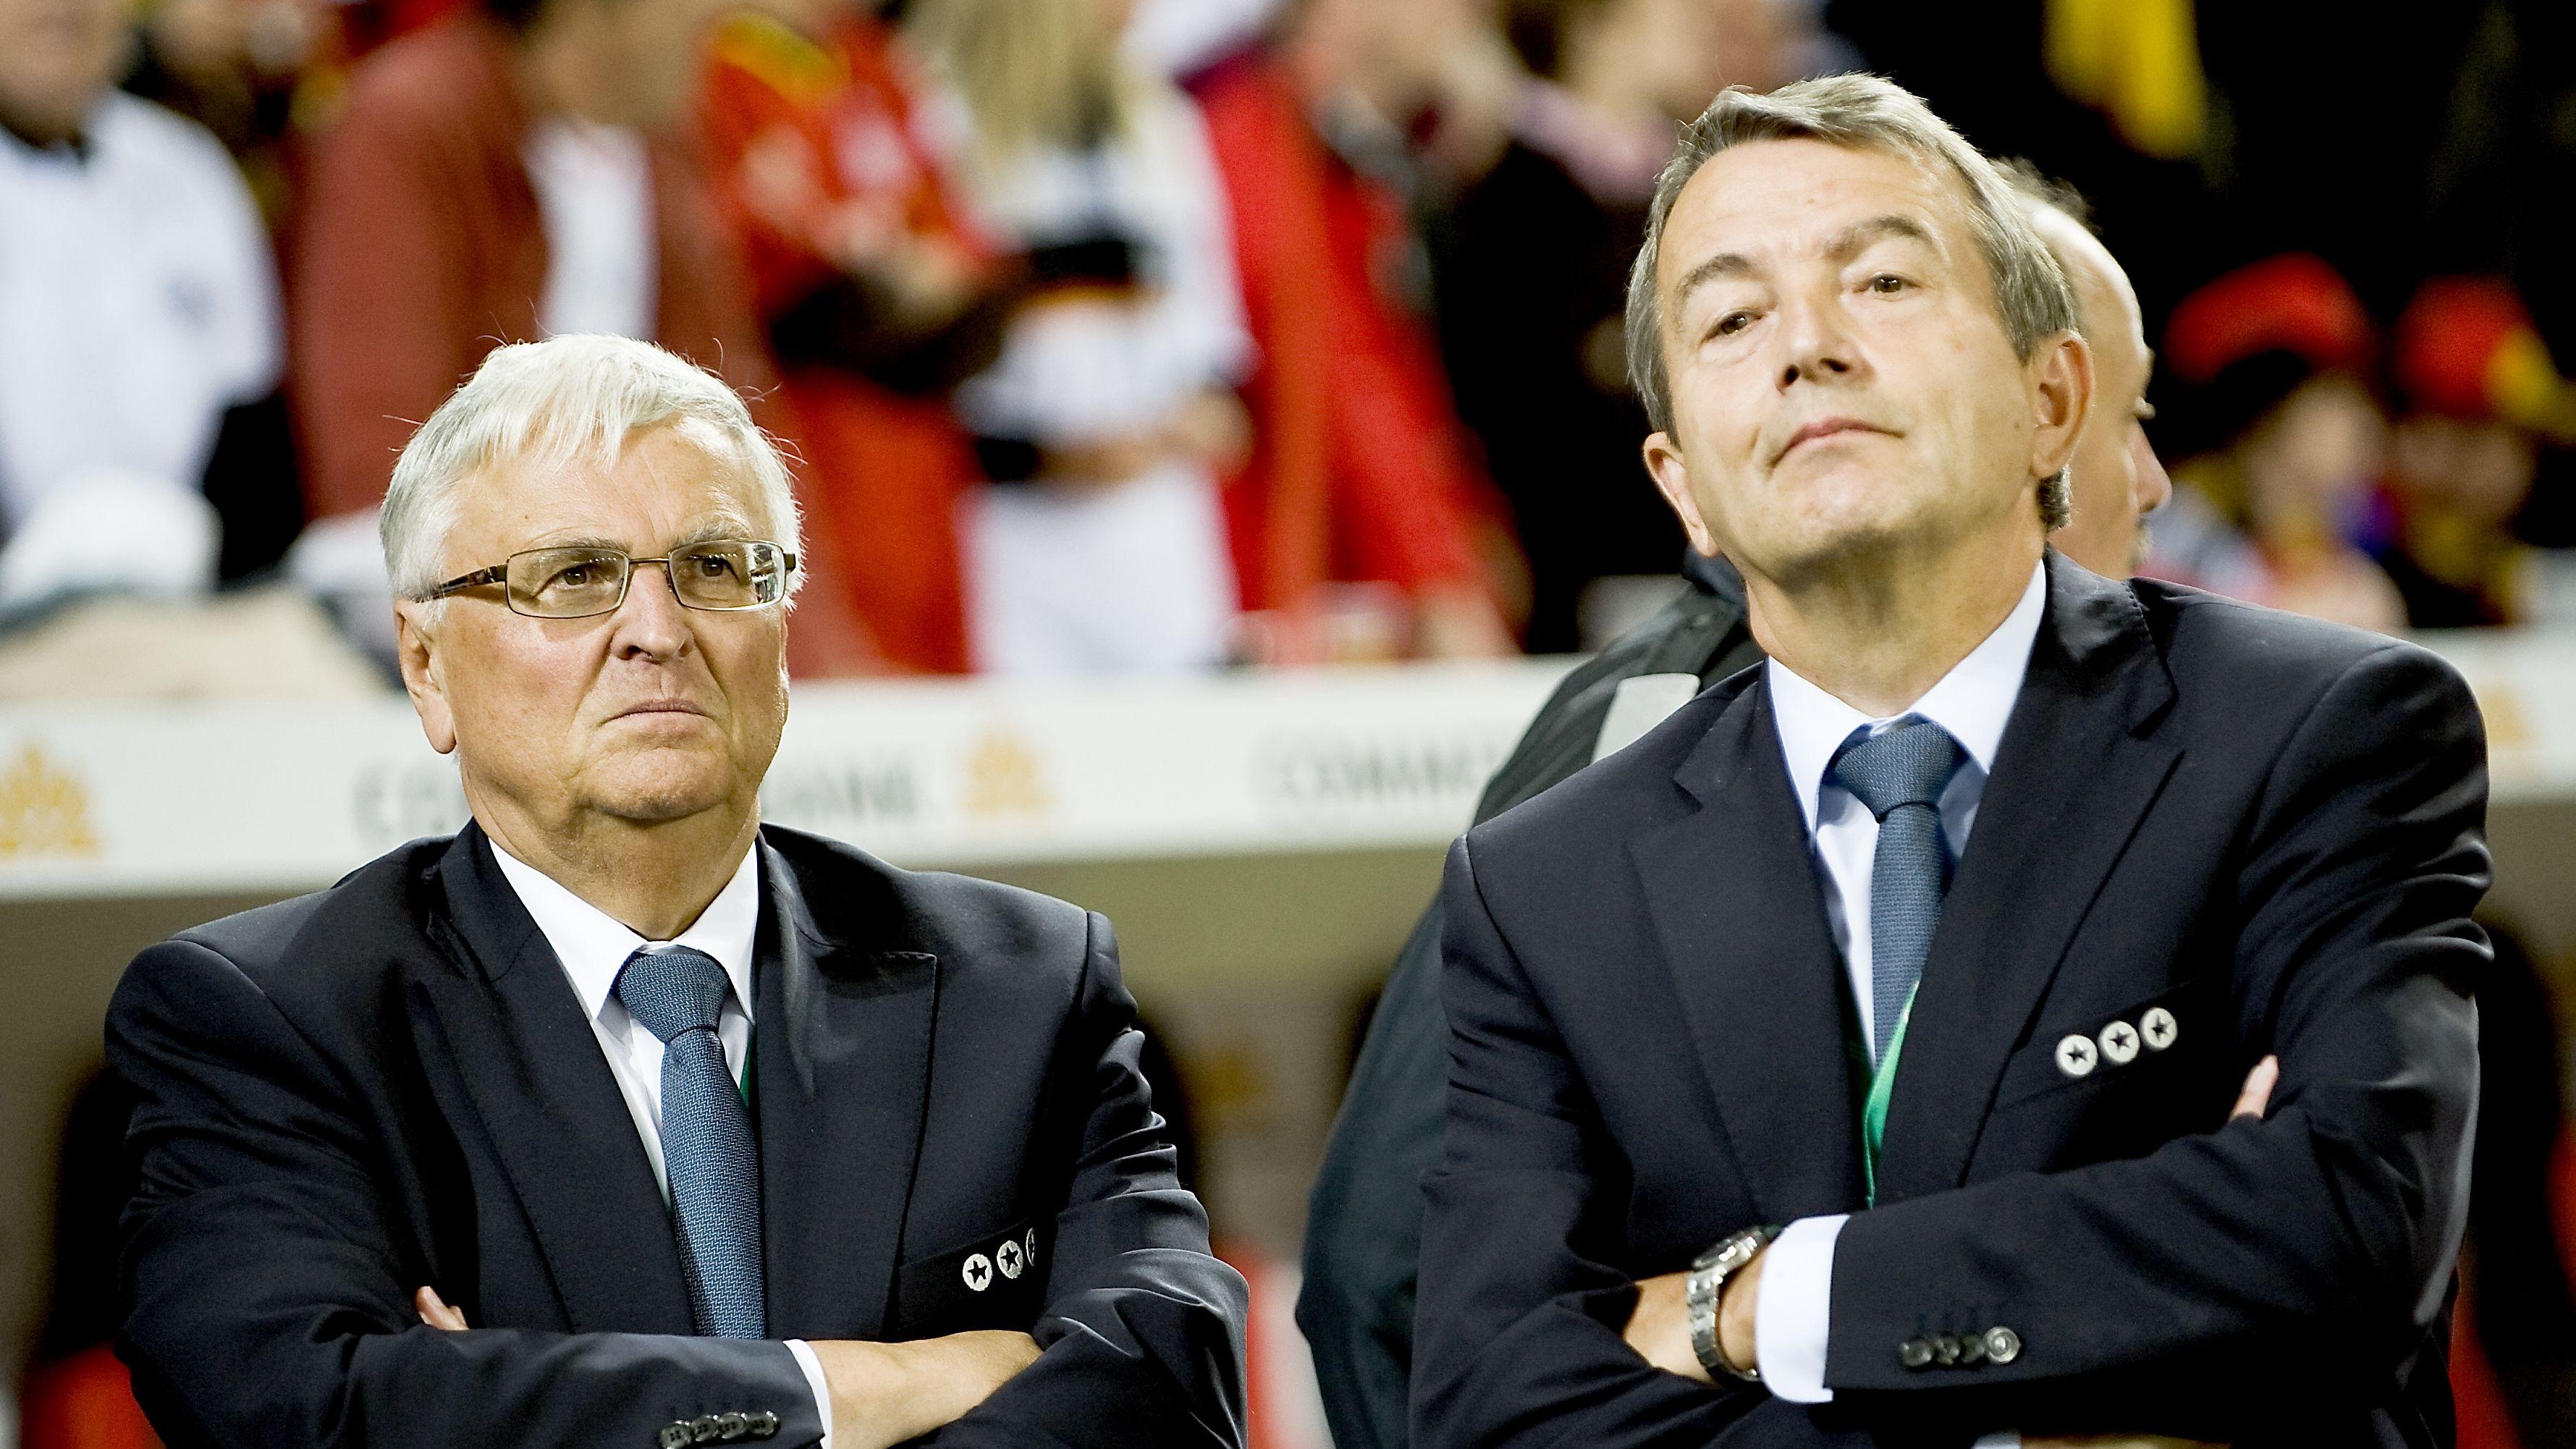 Die früheren DFB-Präsidenten Theo Zwanziger (links) und Wolfgang Niersbach